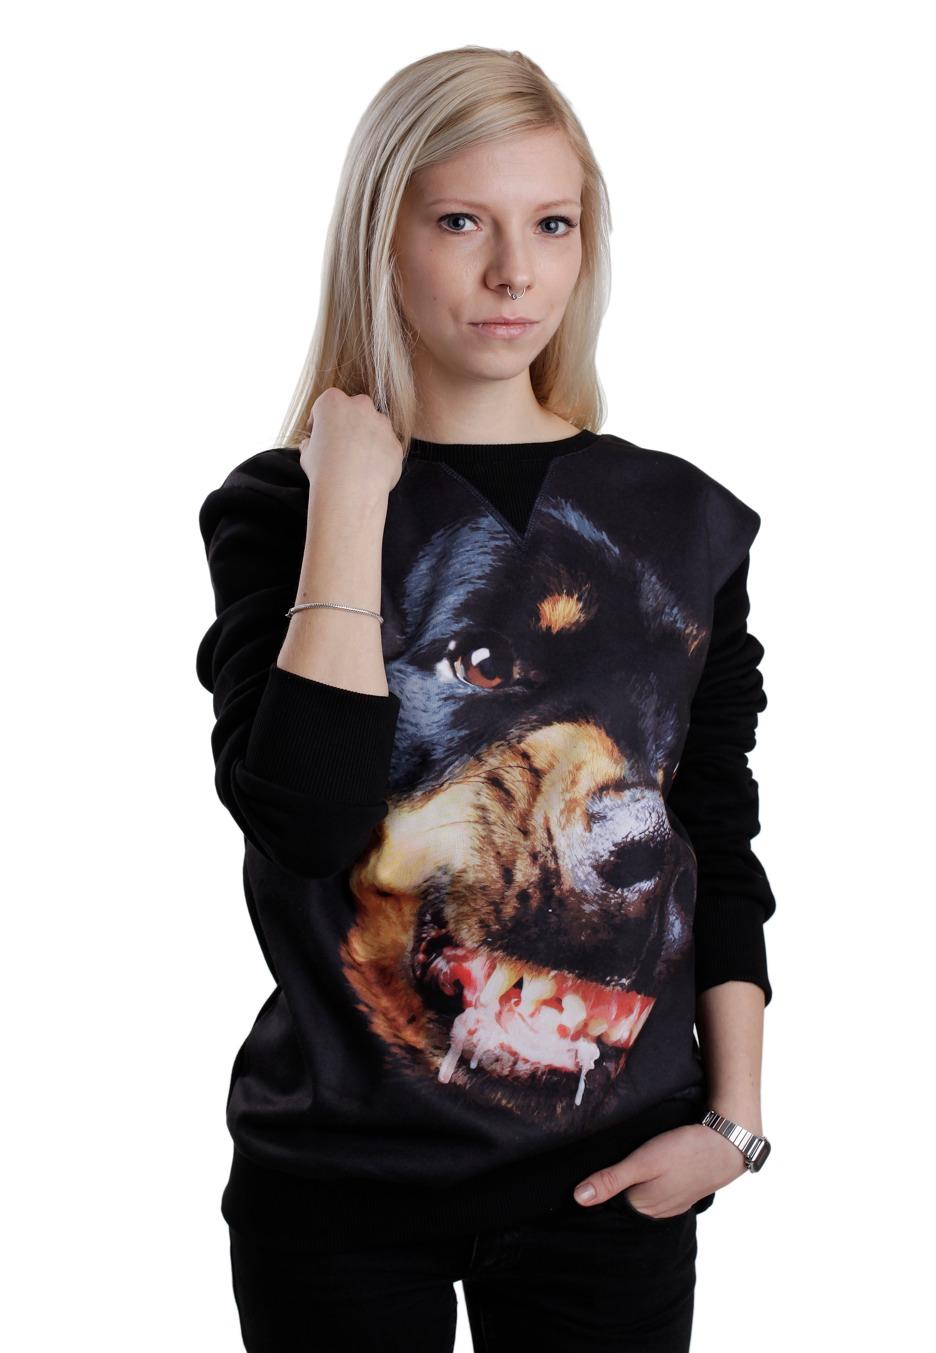 Rottweiler girl heard